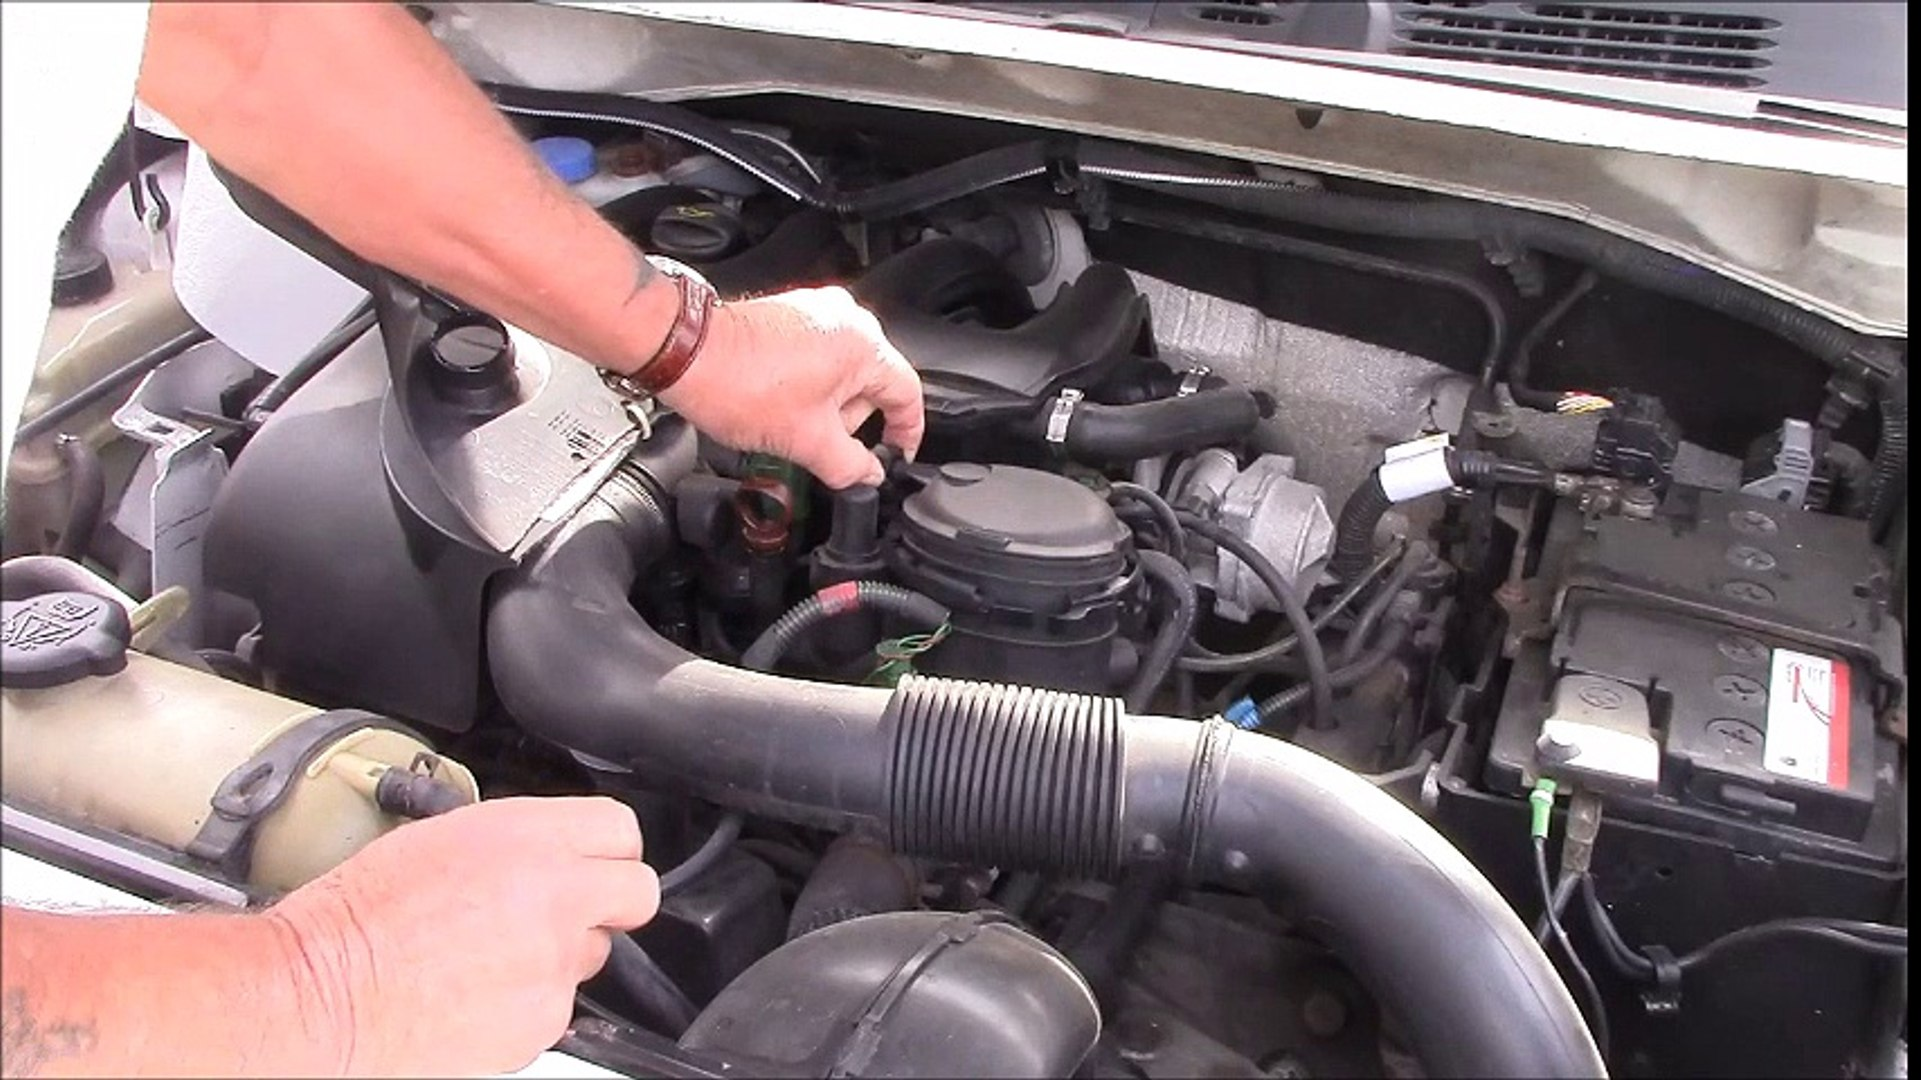 Bleeding Air From Diesel Fuel Lines